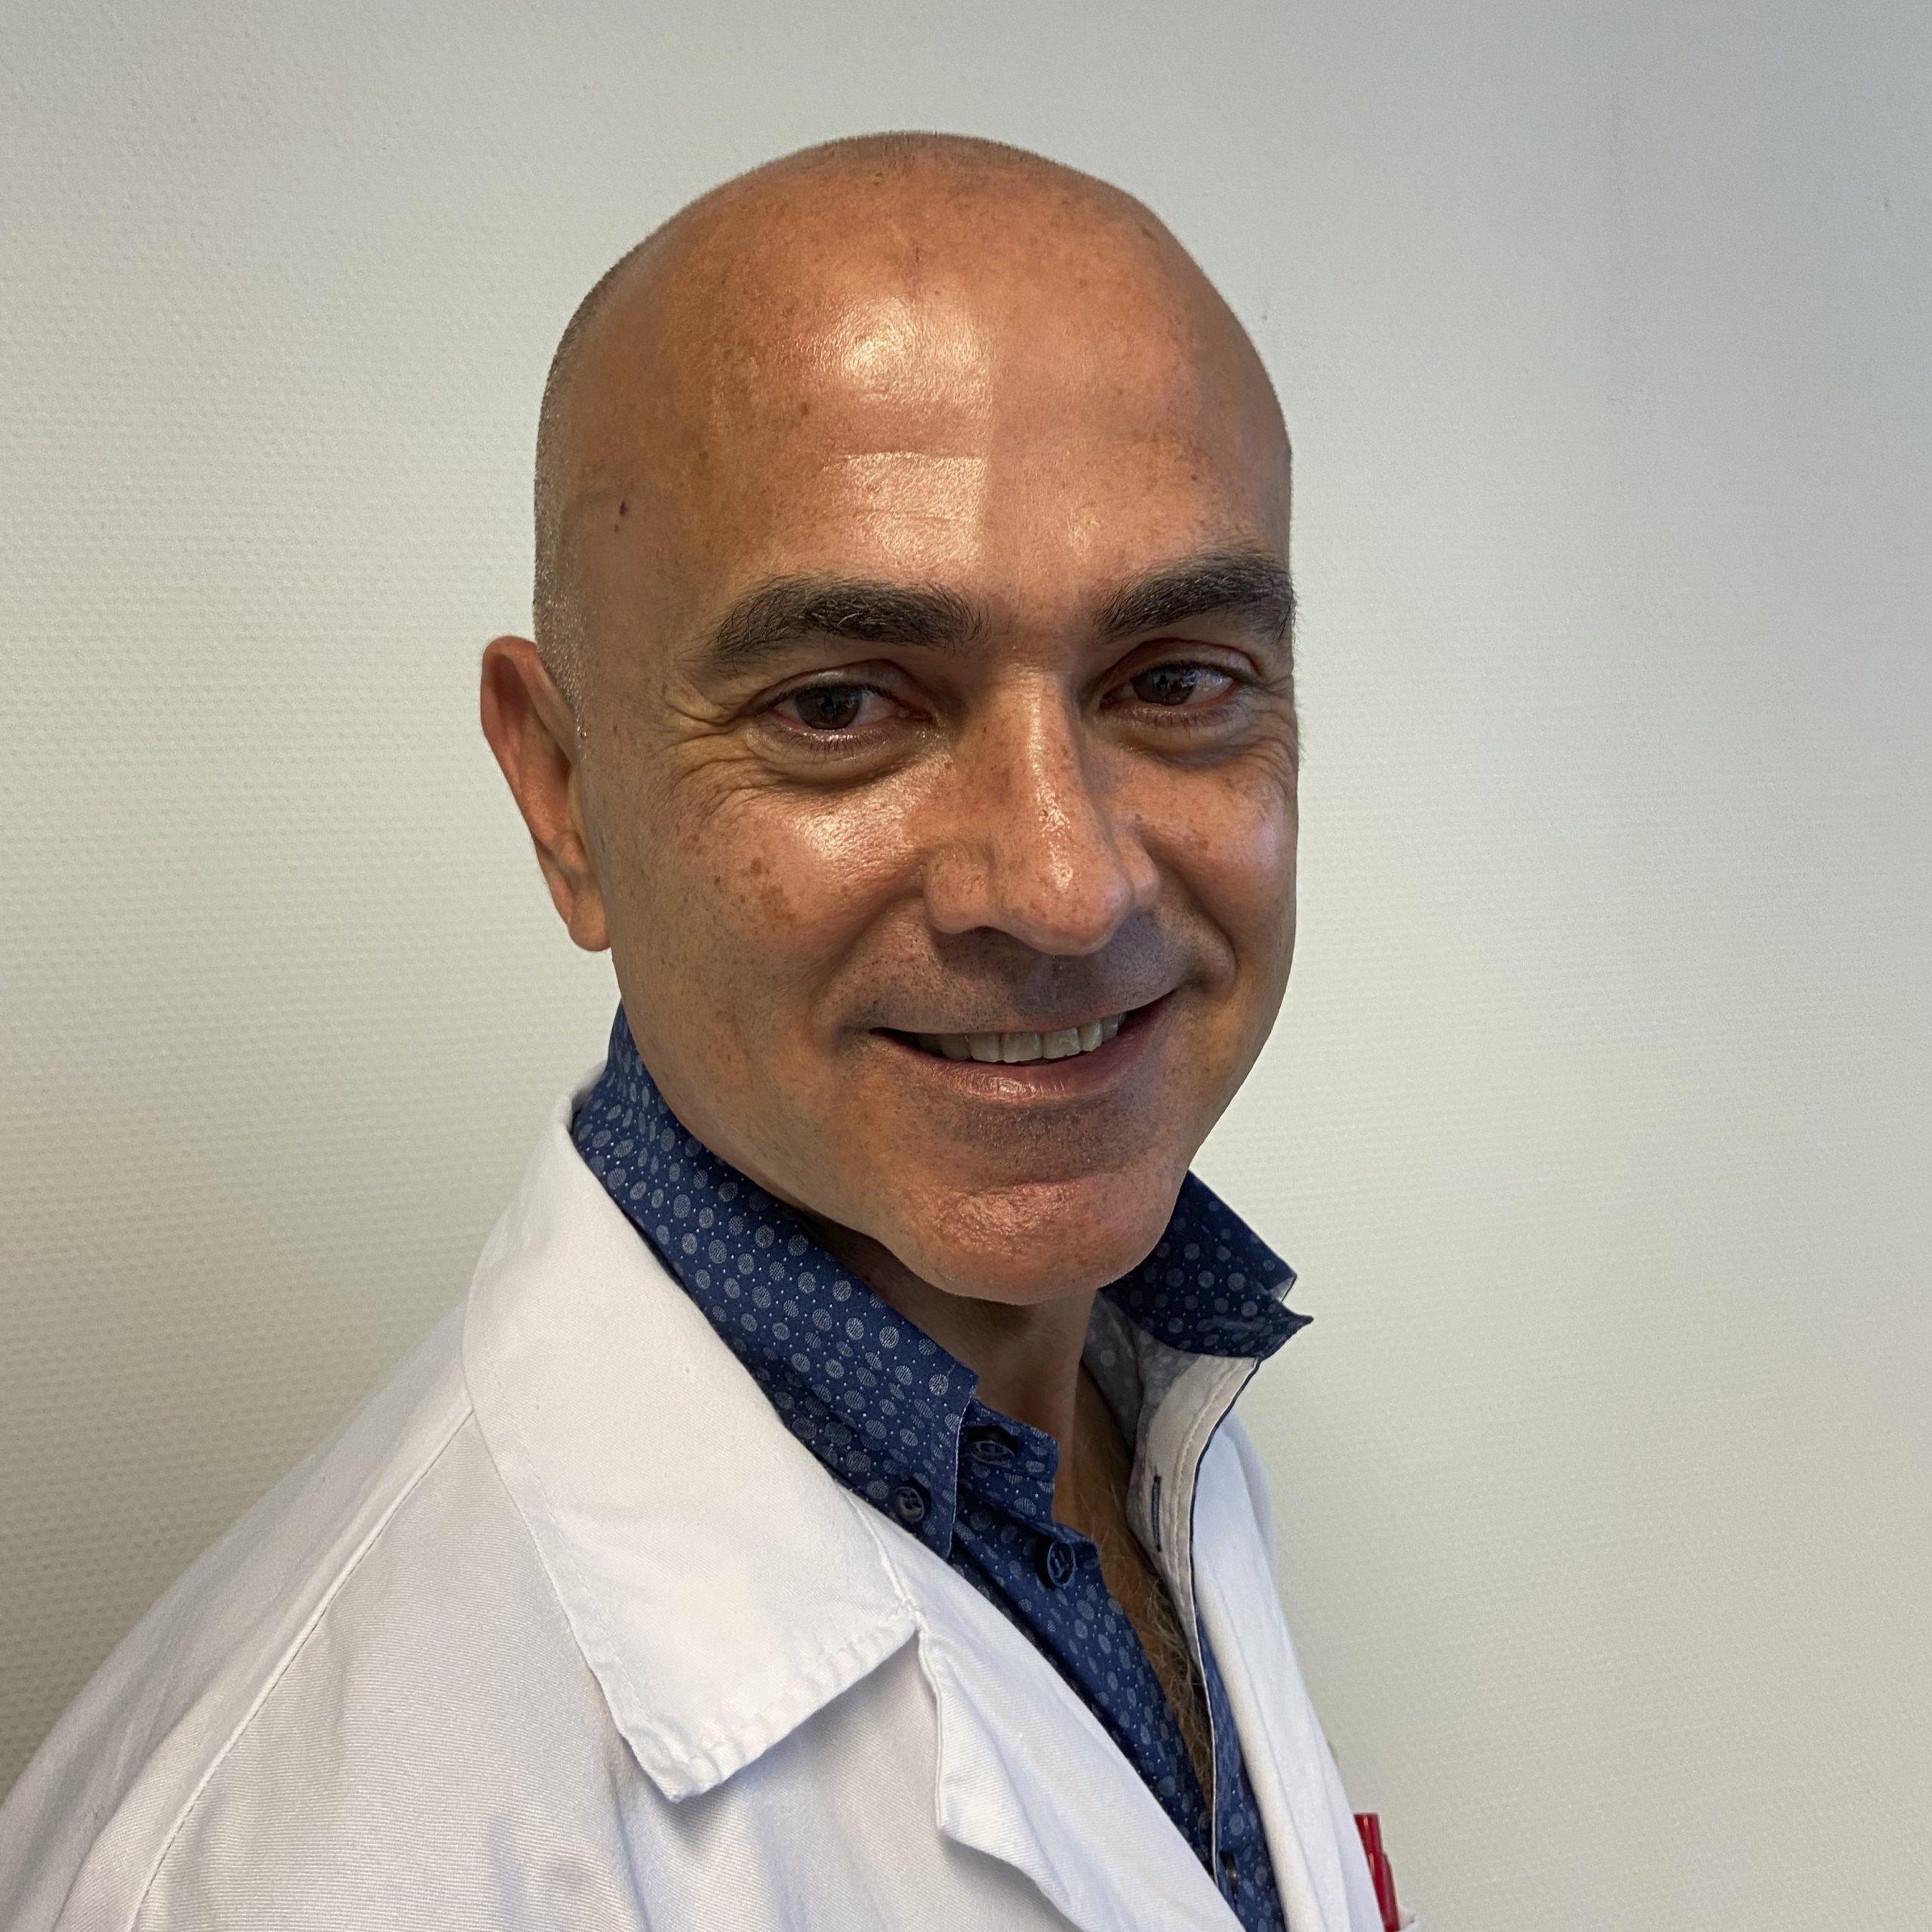 07_Dr. Oscar Juan